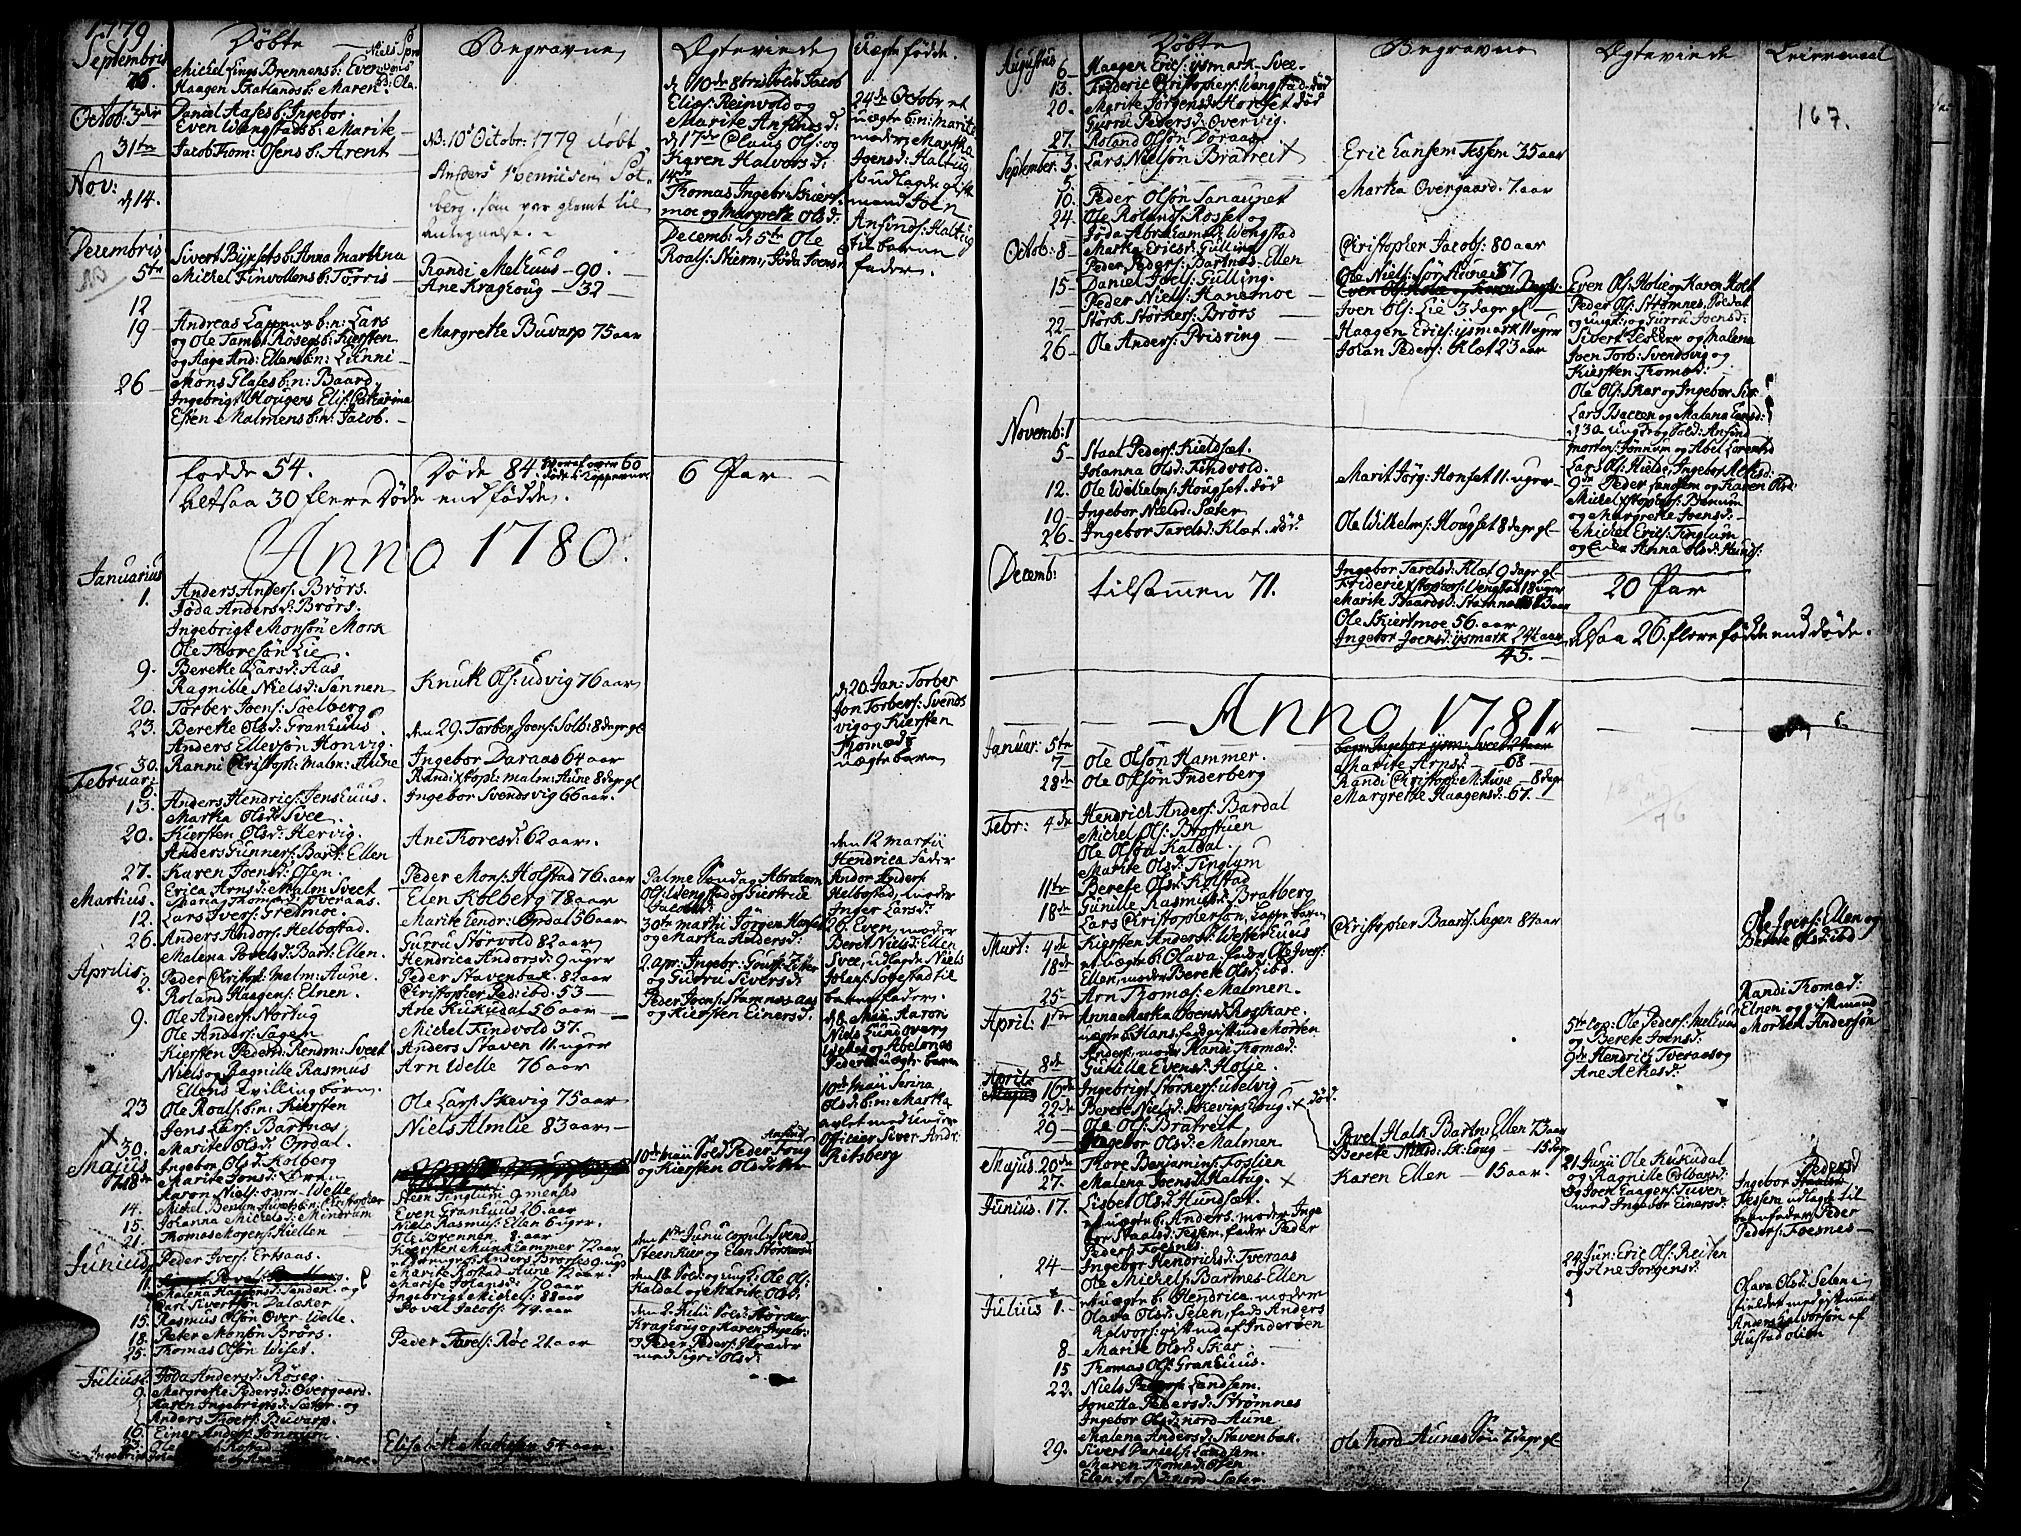 SAT, Ministerialprotokoller, klokkerbøker og fødselsregistre - Nord-Trøndelag, 741/L0385: Ministerialbok nr. 741A01, 1722-1815, s. 167